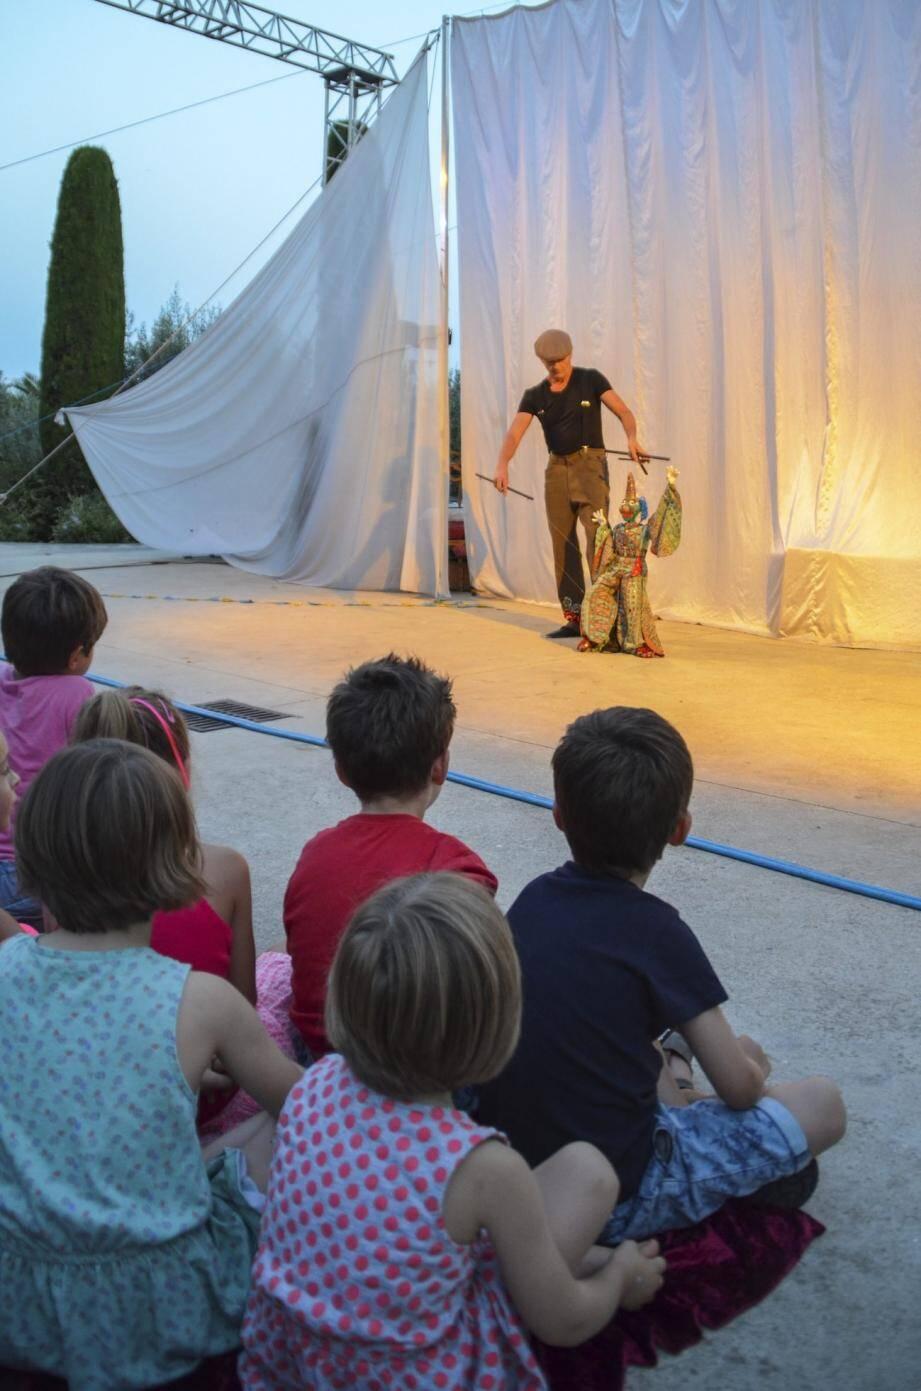 La magie des marionnettes tous les mardis soir au jardin Mistral.